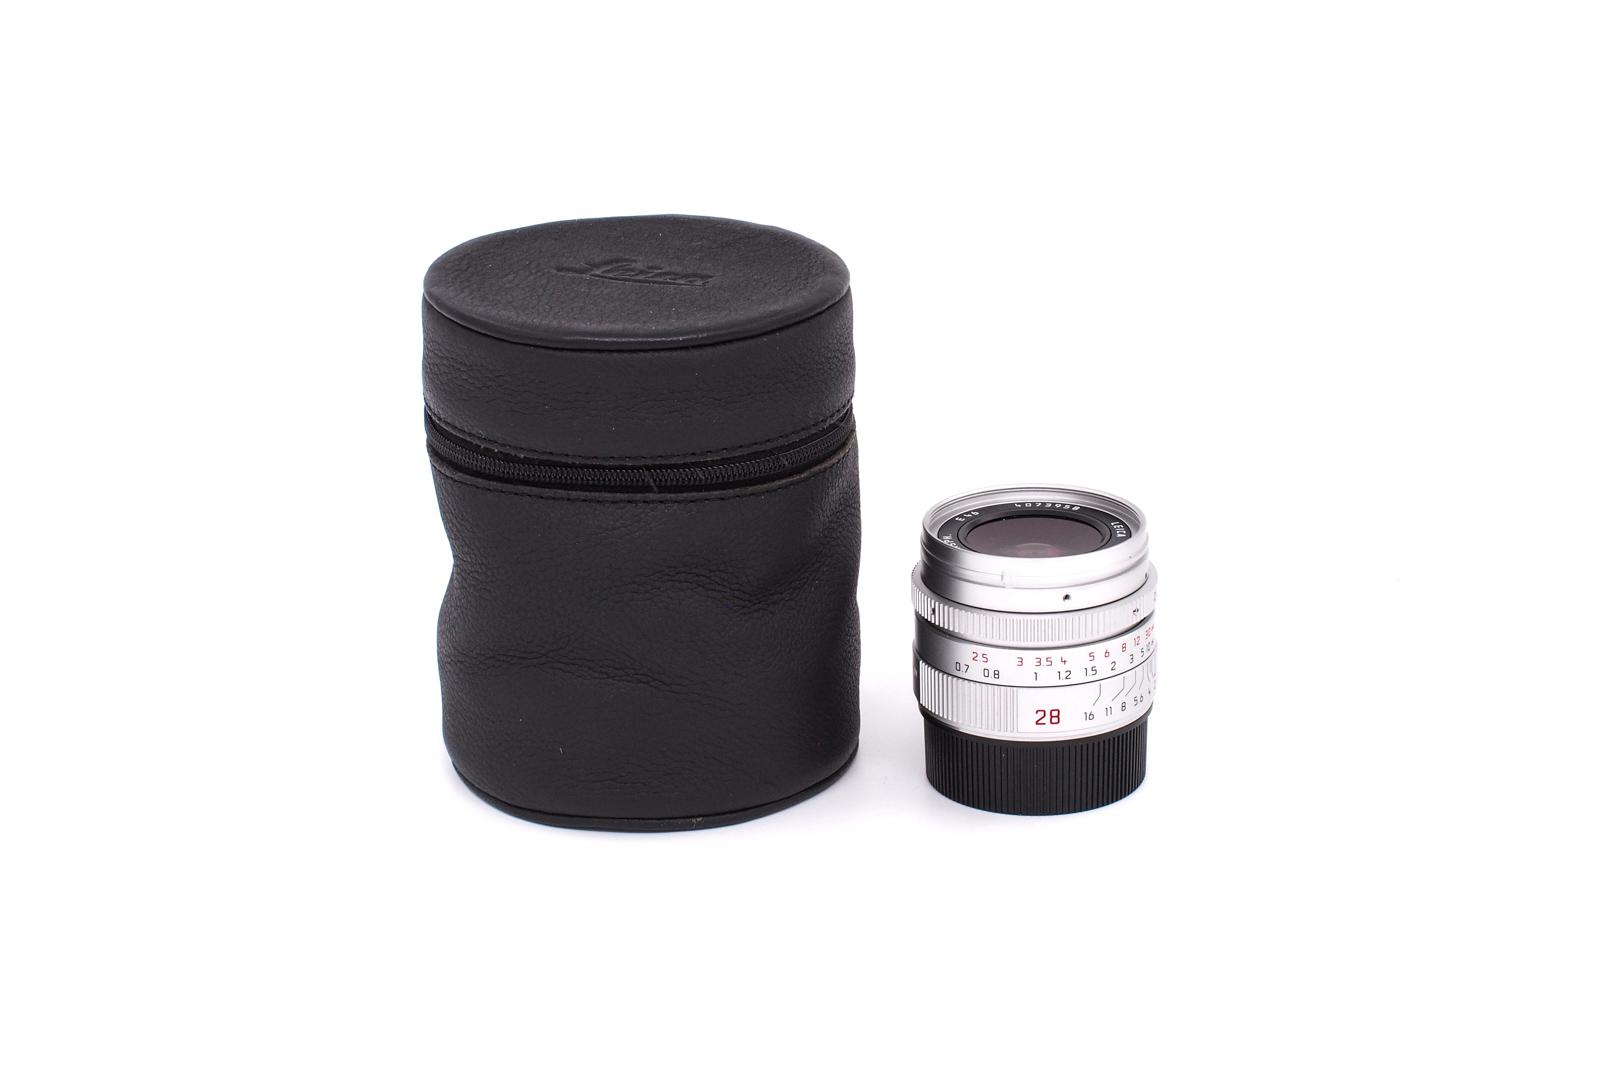 Leica Summicron-M 1:2/28mm ASPH chrome